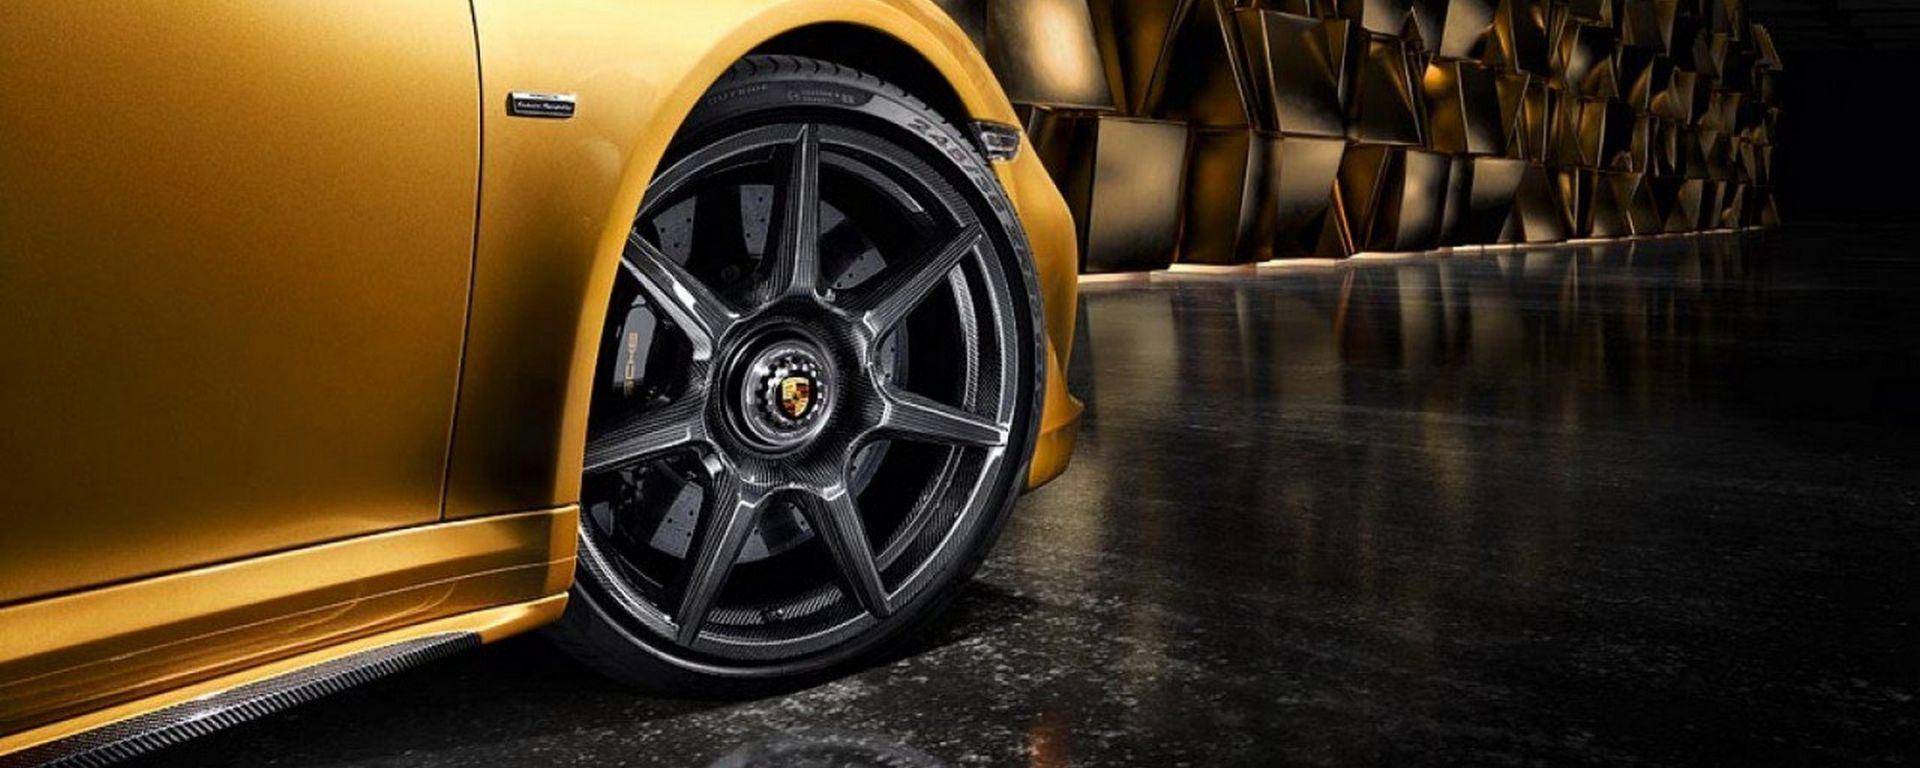 Porsche 911: arrivano i cerchi in fibra di carbonio